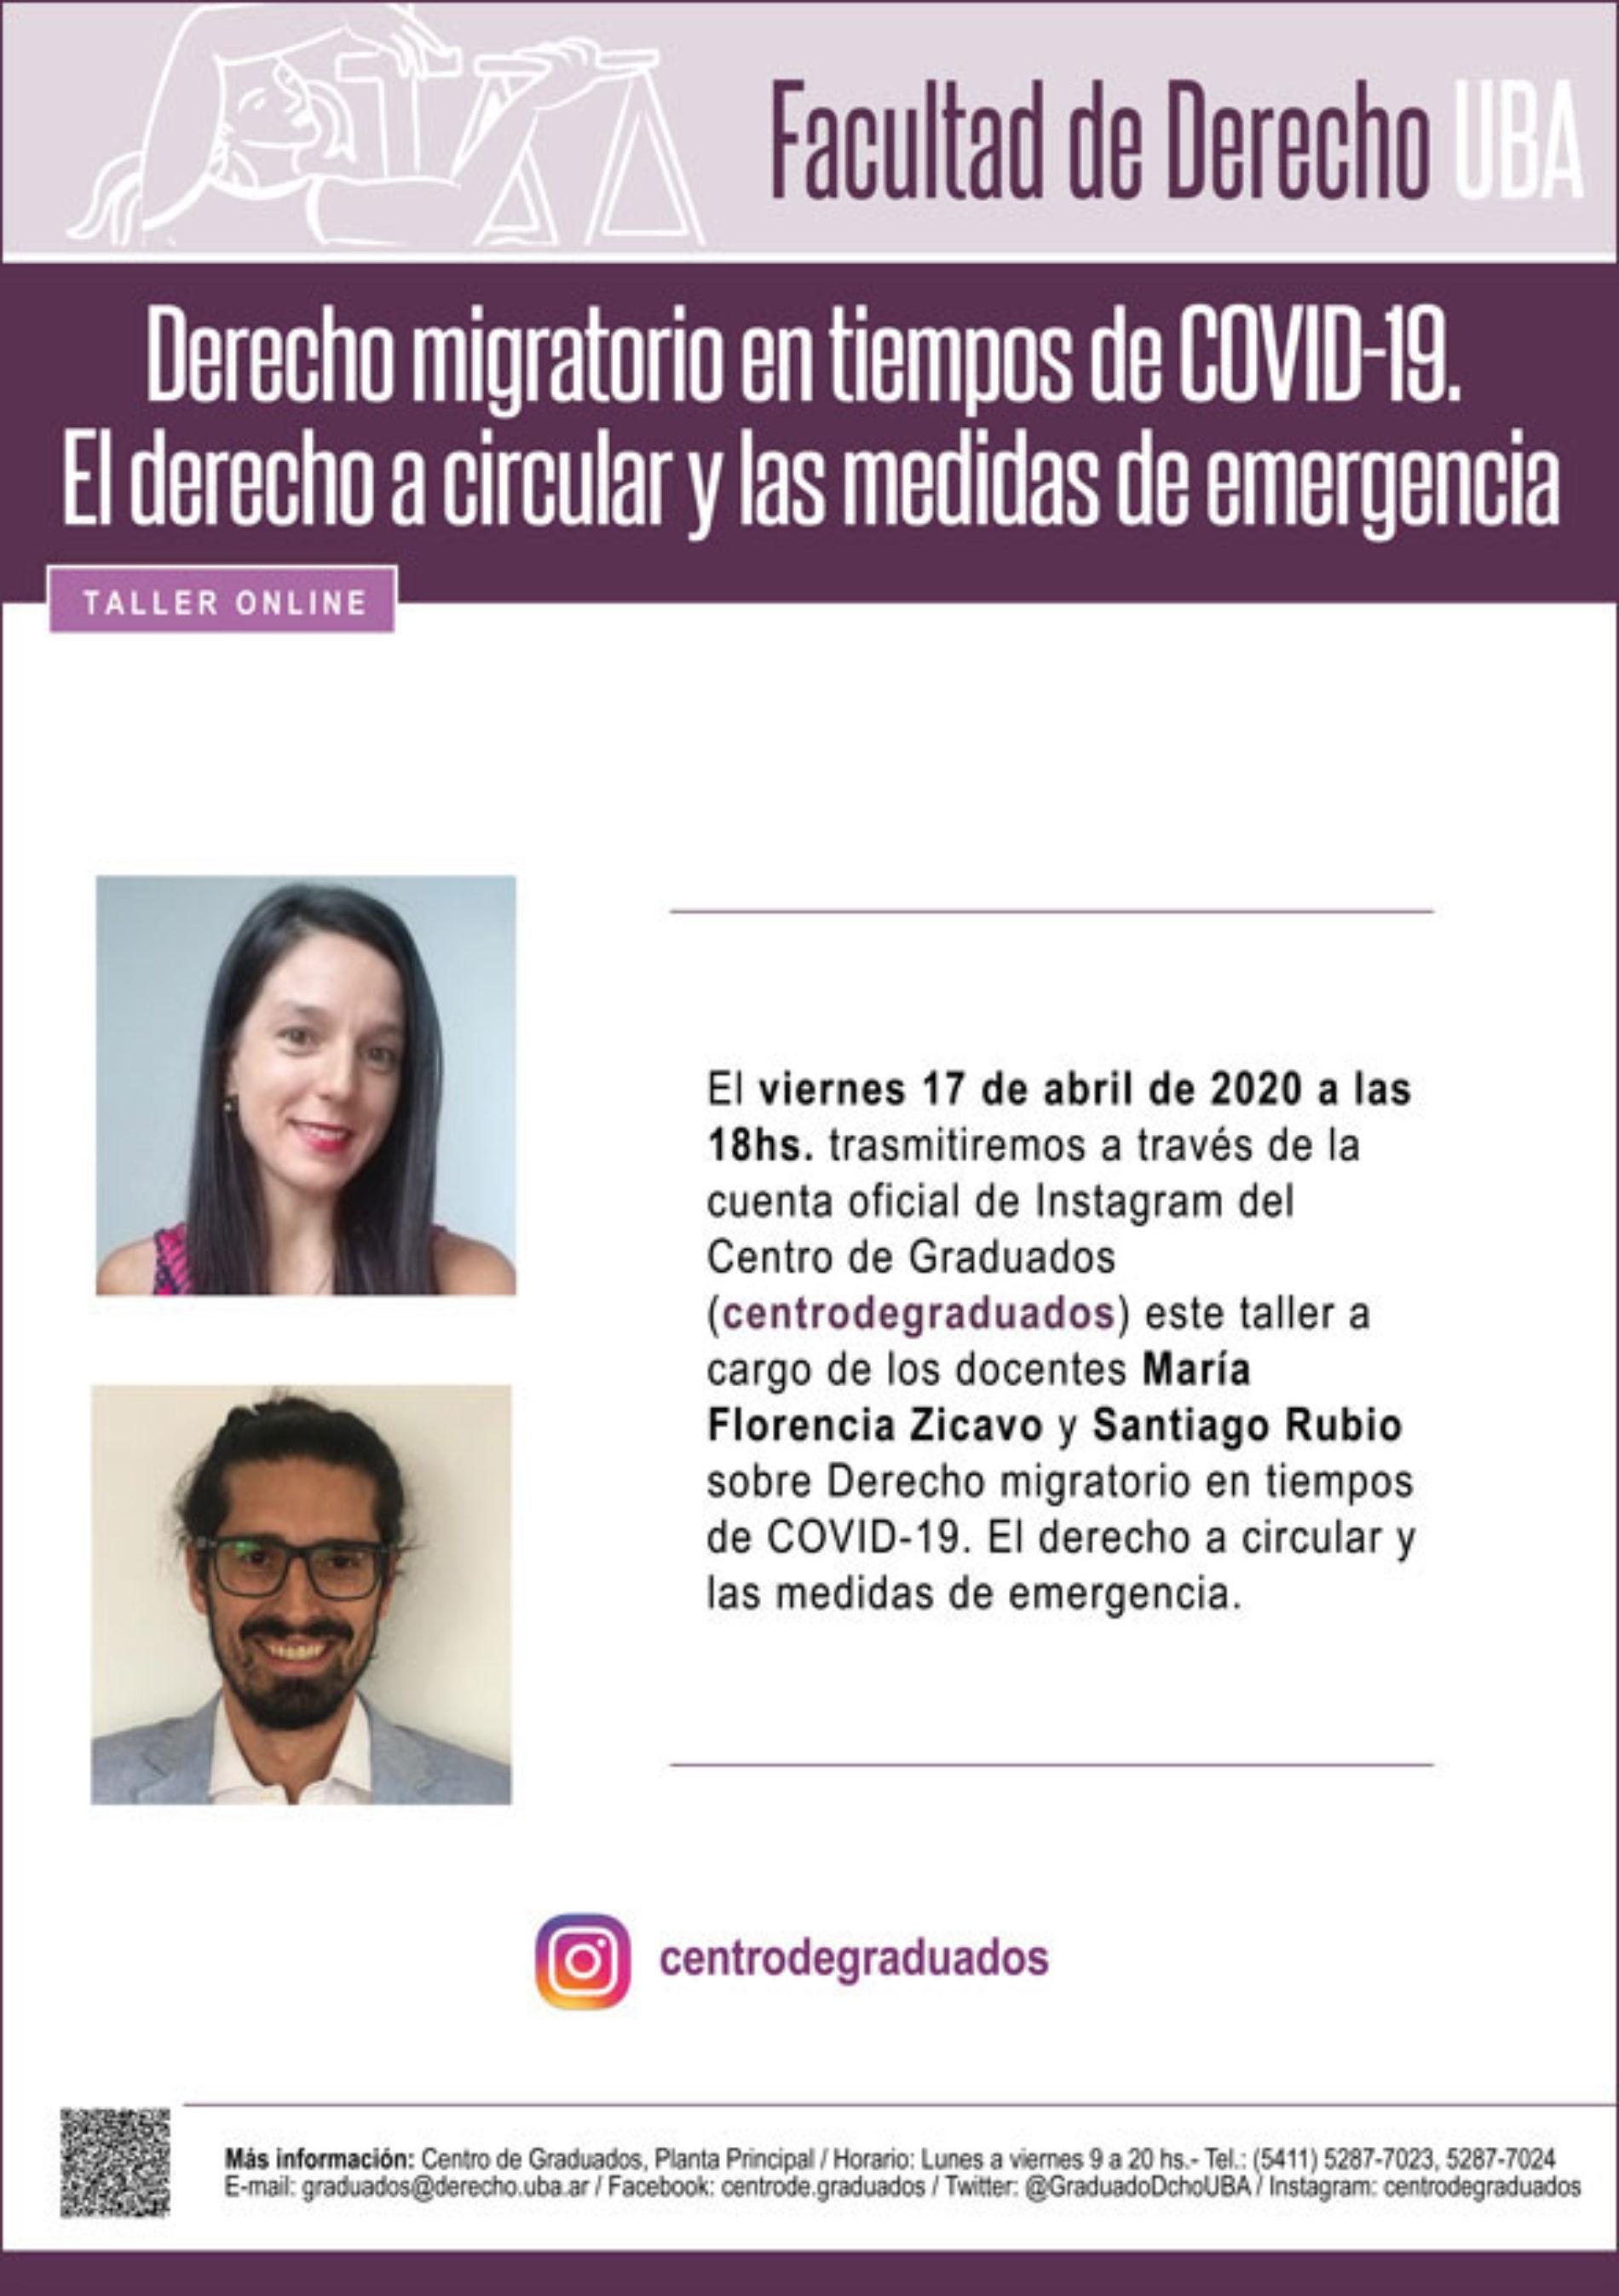 Taller online «Derecho migratorio en tiempos de COVID-19. El derecho a circular y las medidas de emergencia».